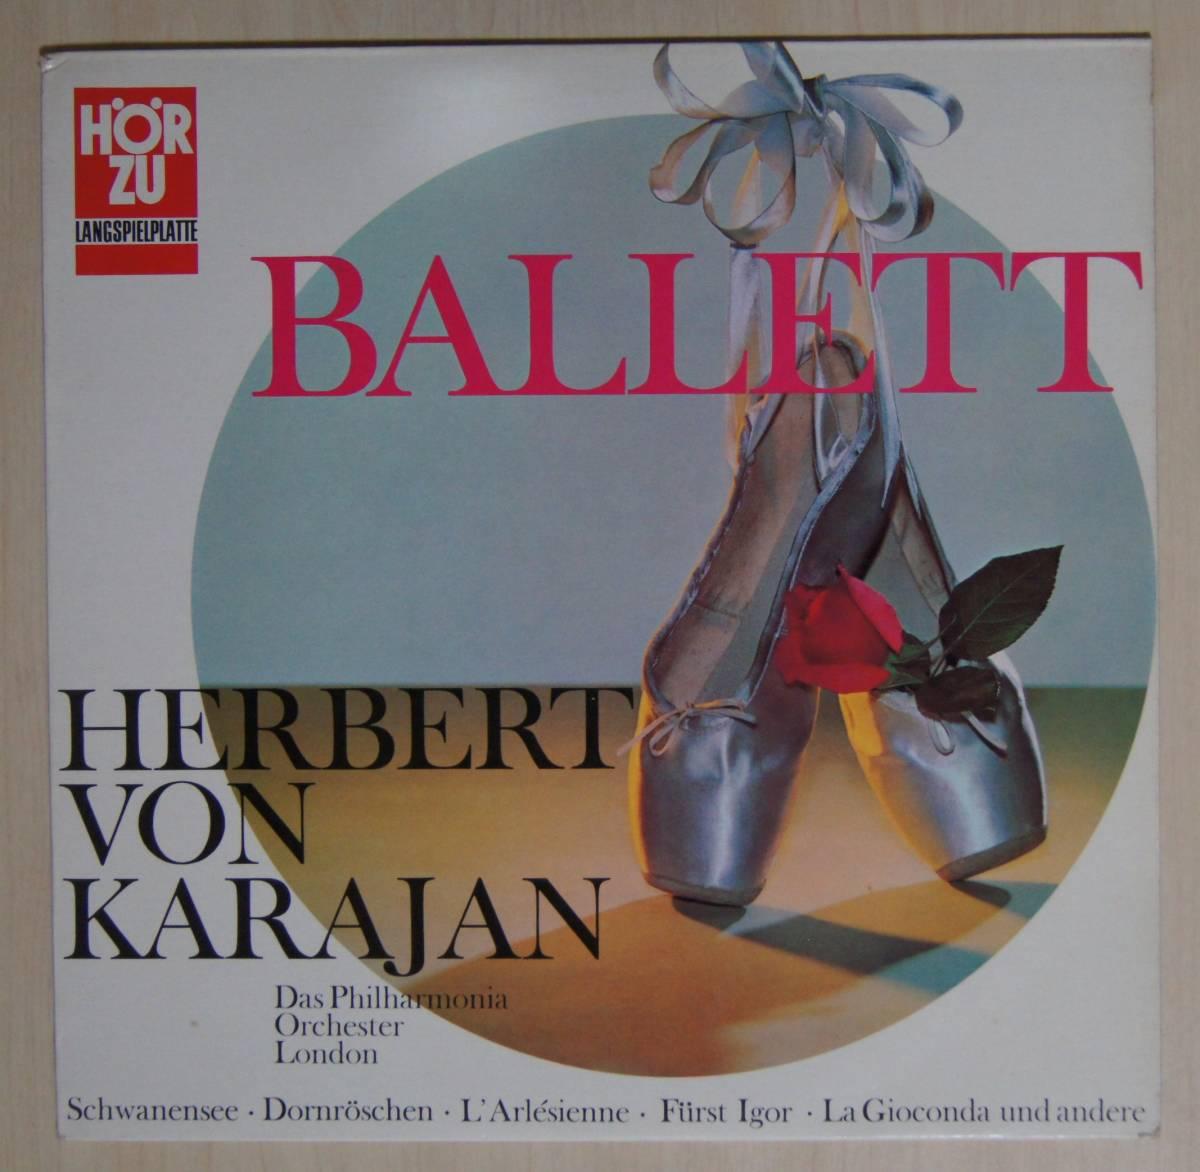 ヘルベルト・フォン・カラヤン/フィルハーモニア管弦楽団【EMI録音 ドイツ盤】「バレエ音楽集」_画像1